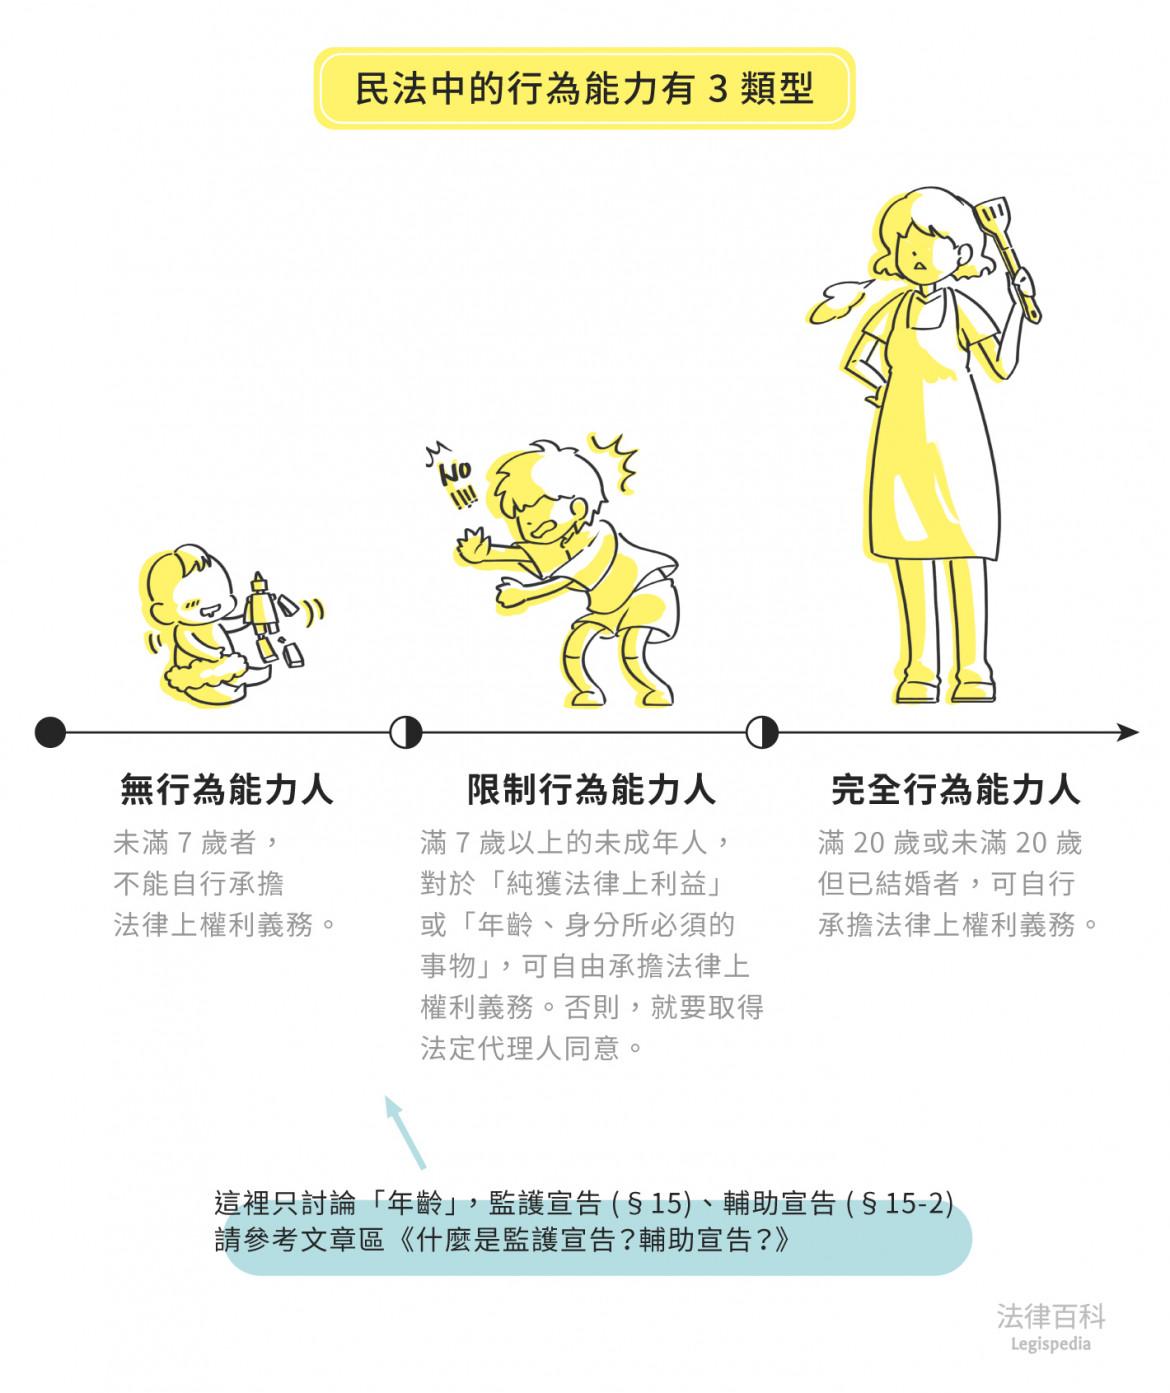 圖1 民法中的行為能力有3類型||資料來源:雷皓明、張學昌 / 繪圖:Yen